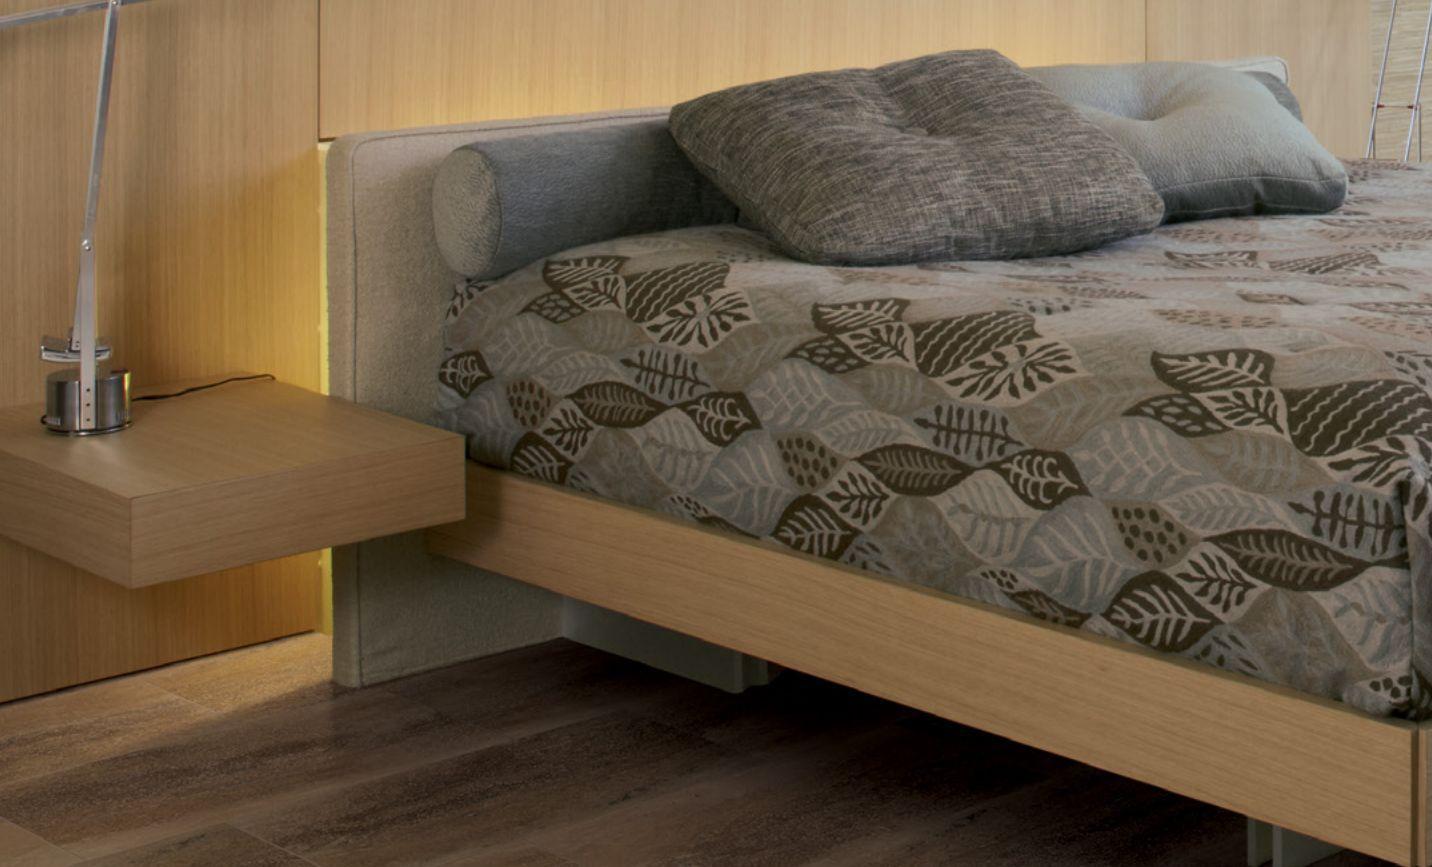 6 ideas for ceramic tile for bedroom floors